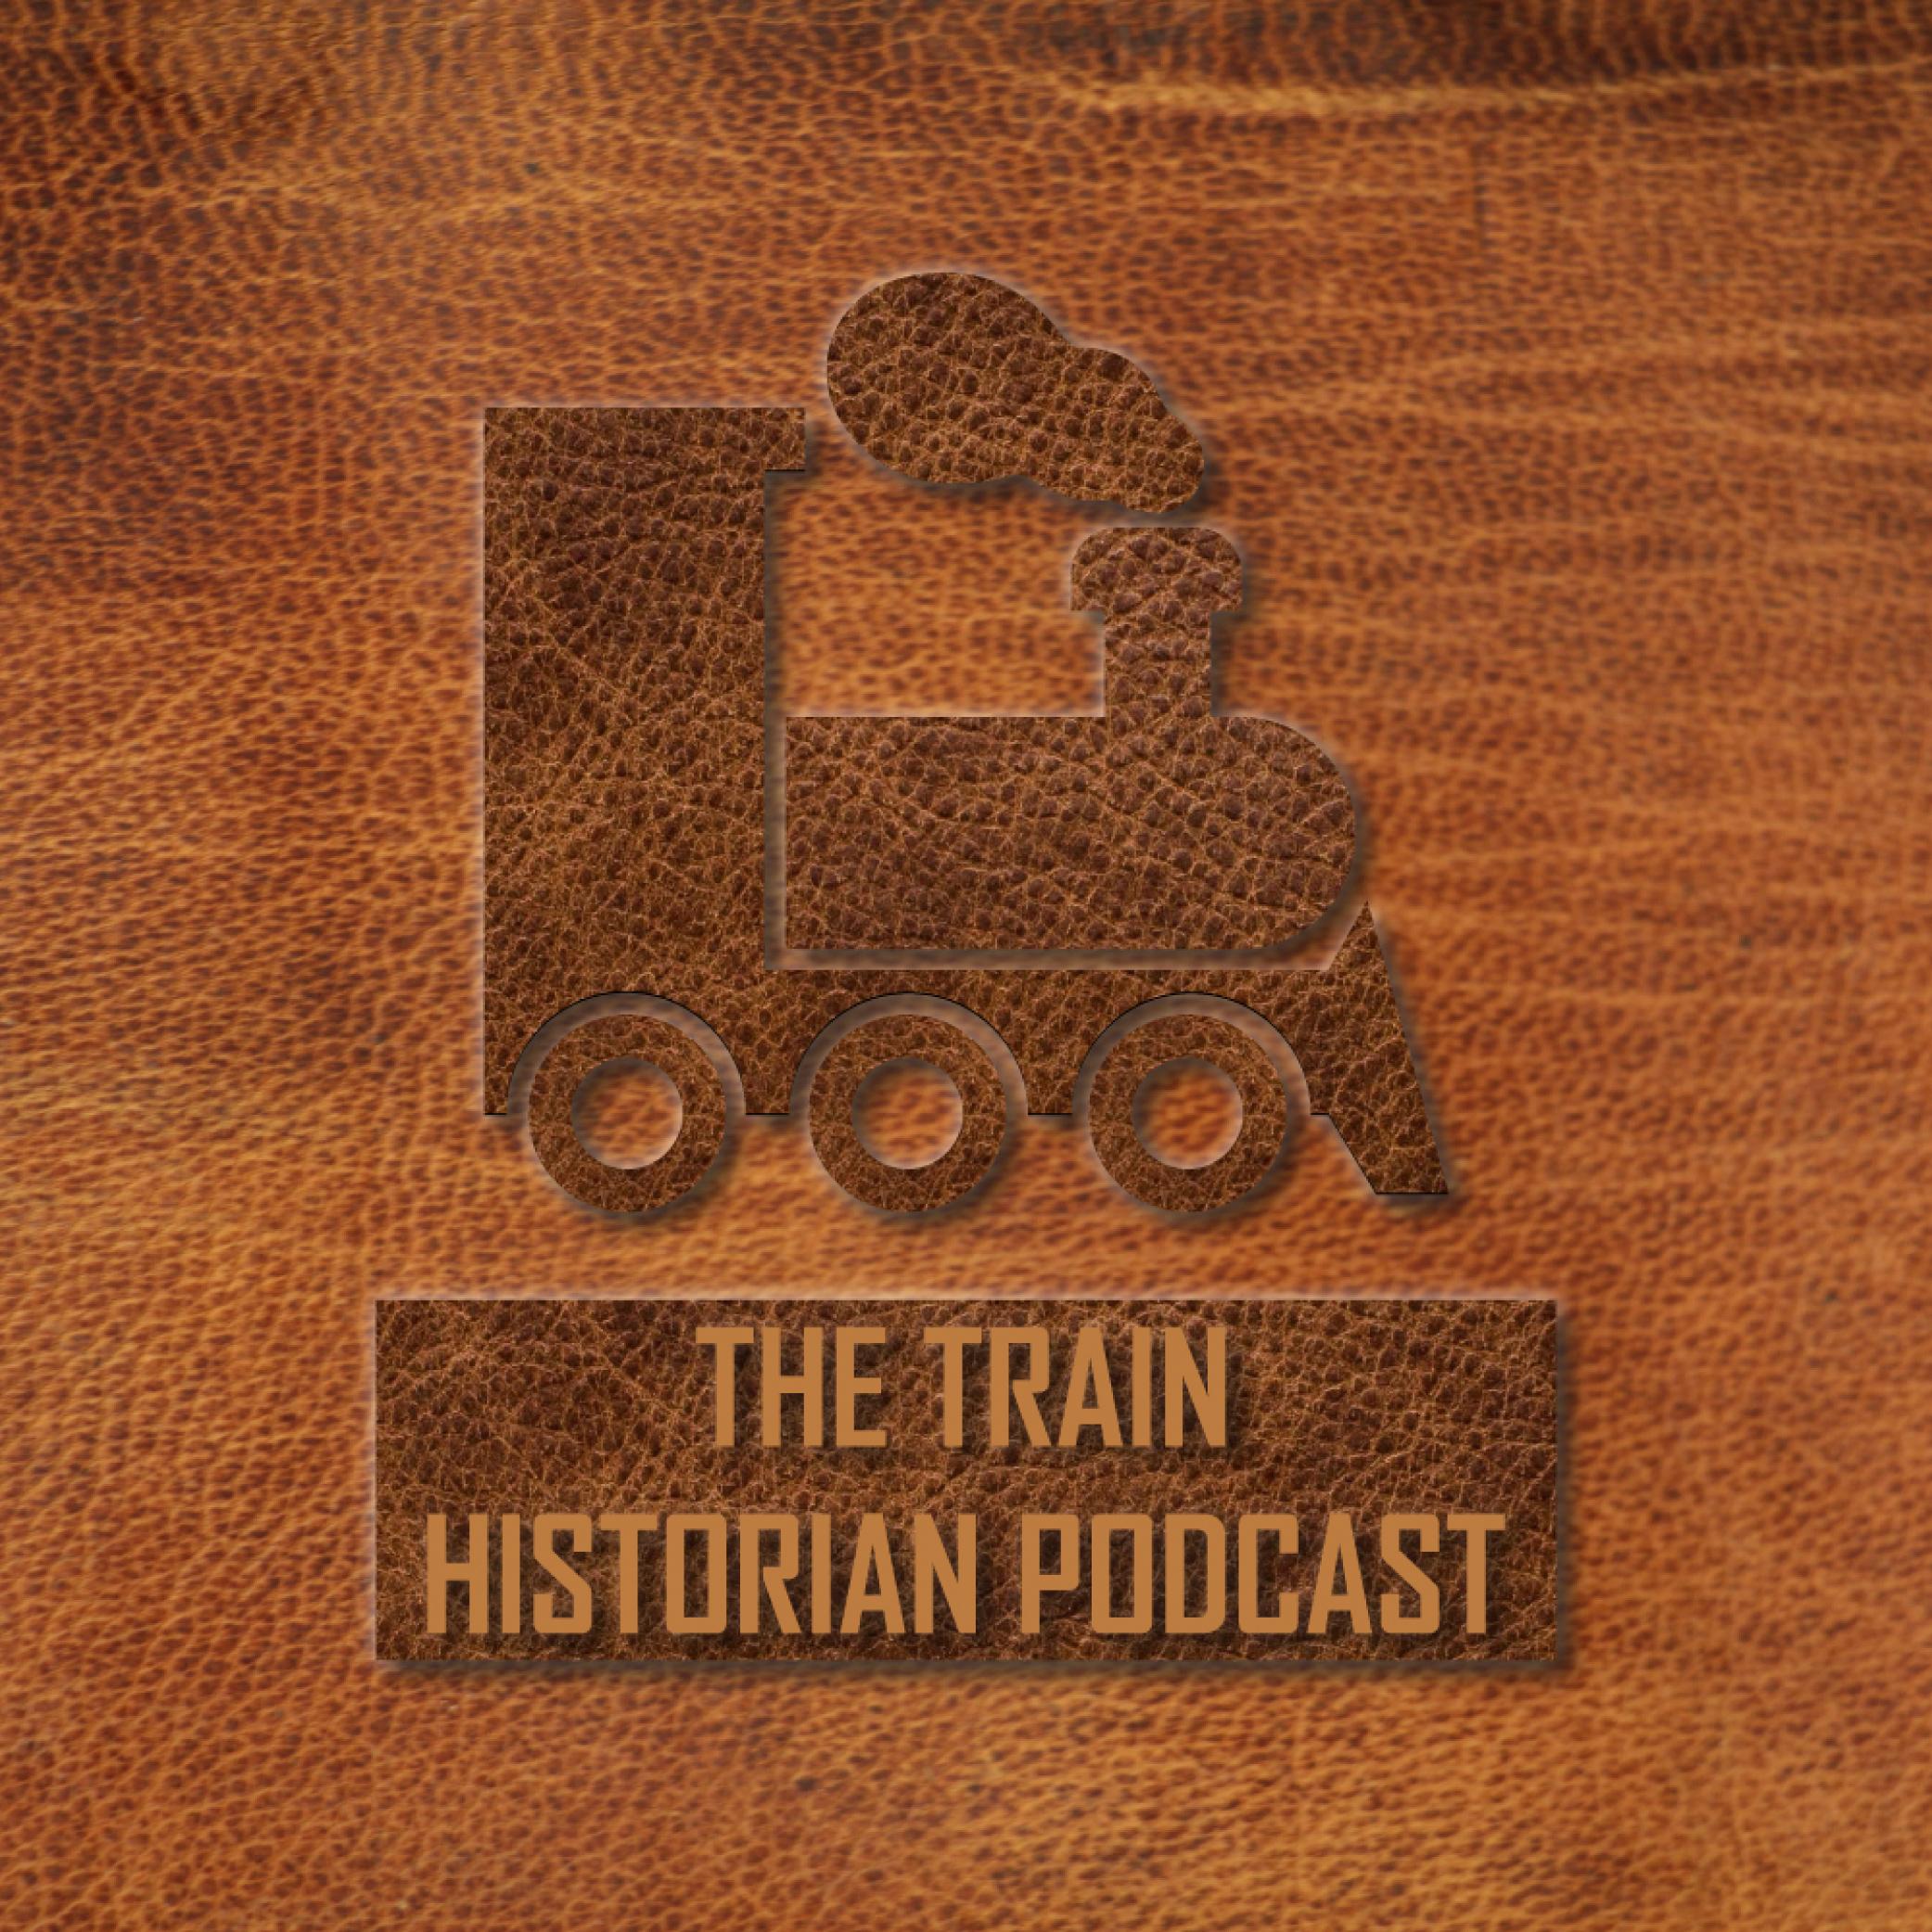 The Train Historian